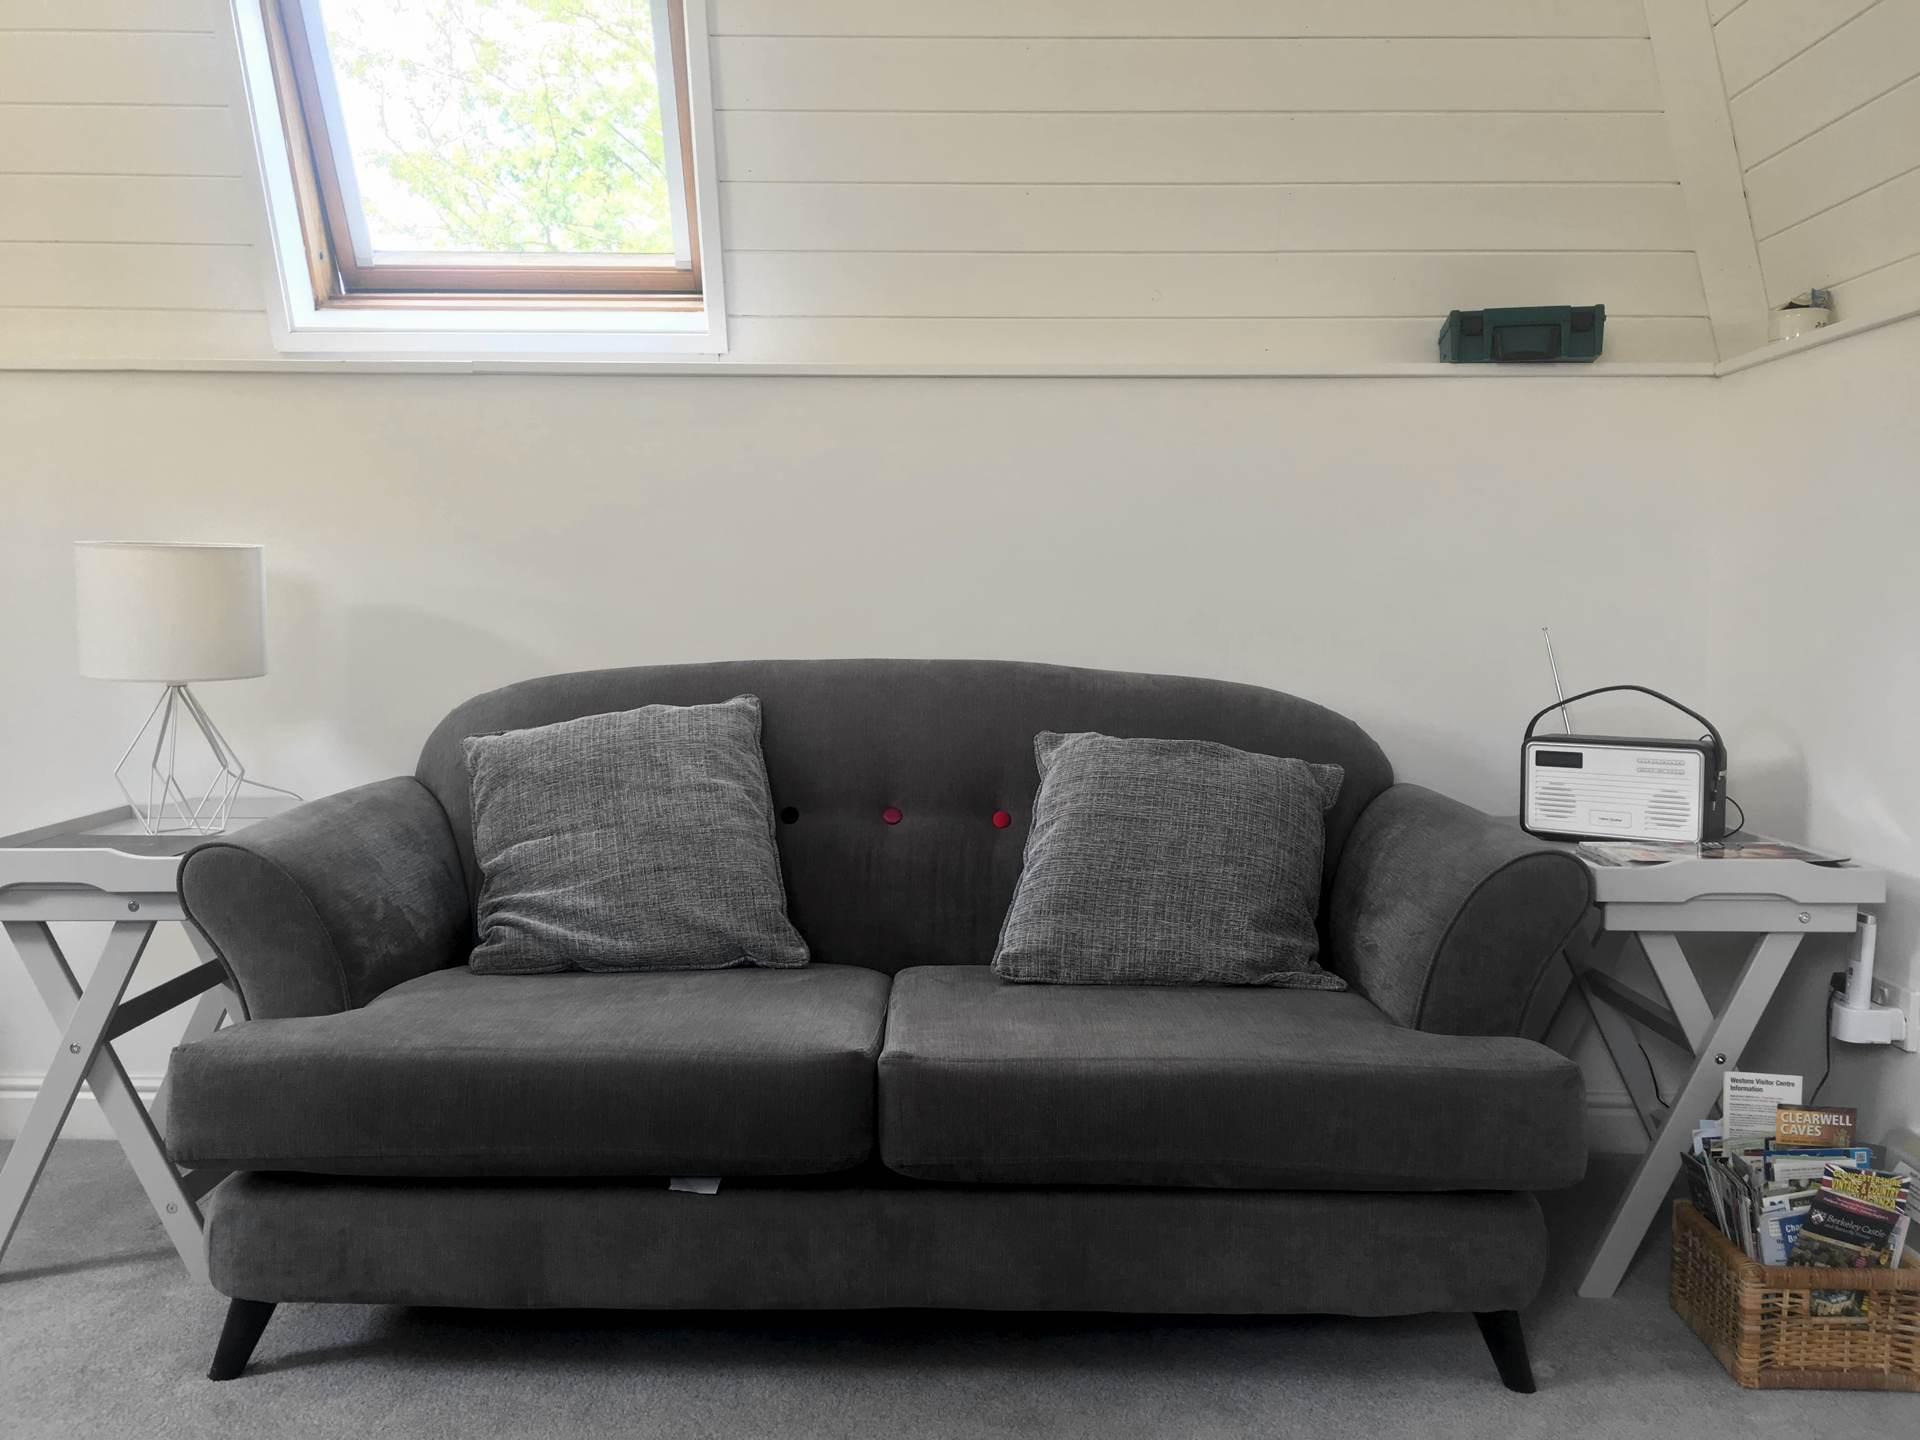 K_livingroom2